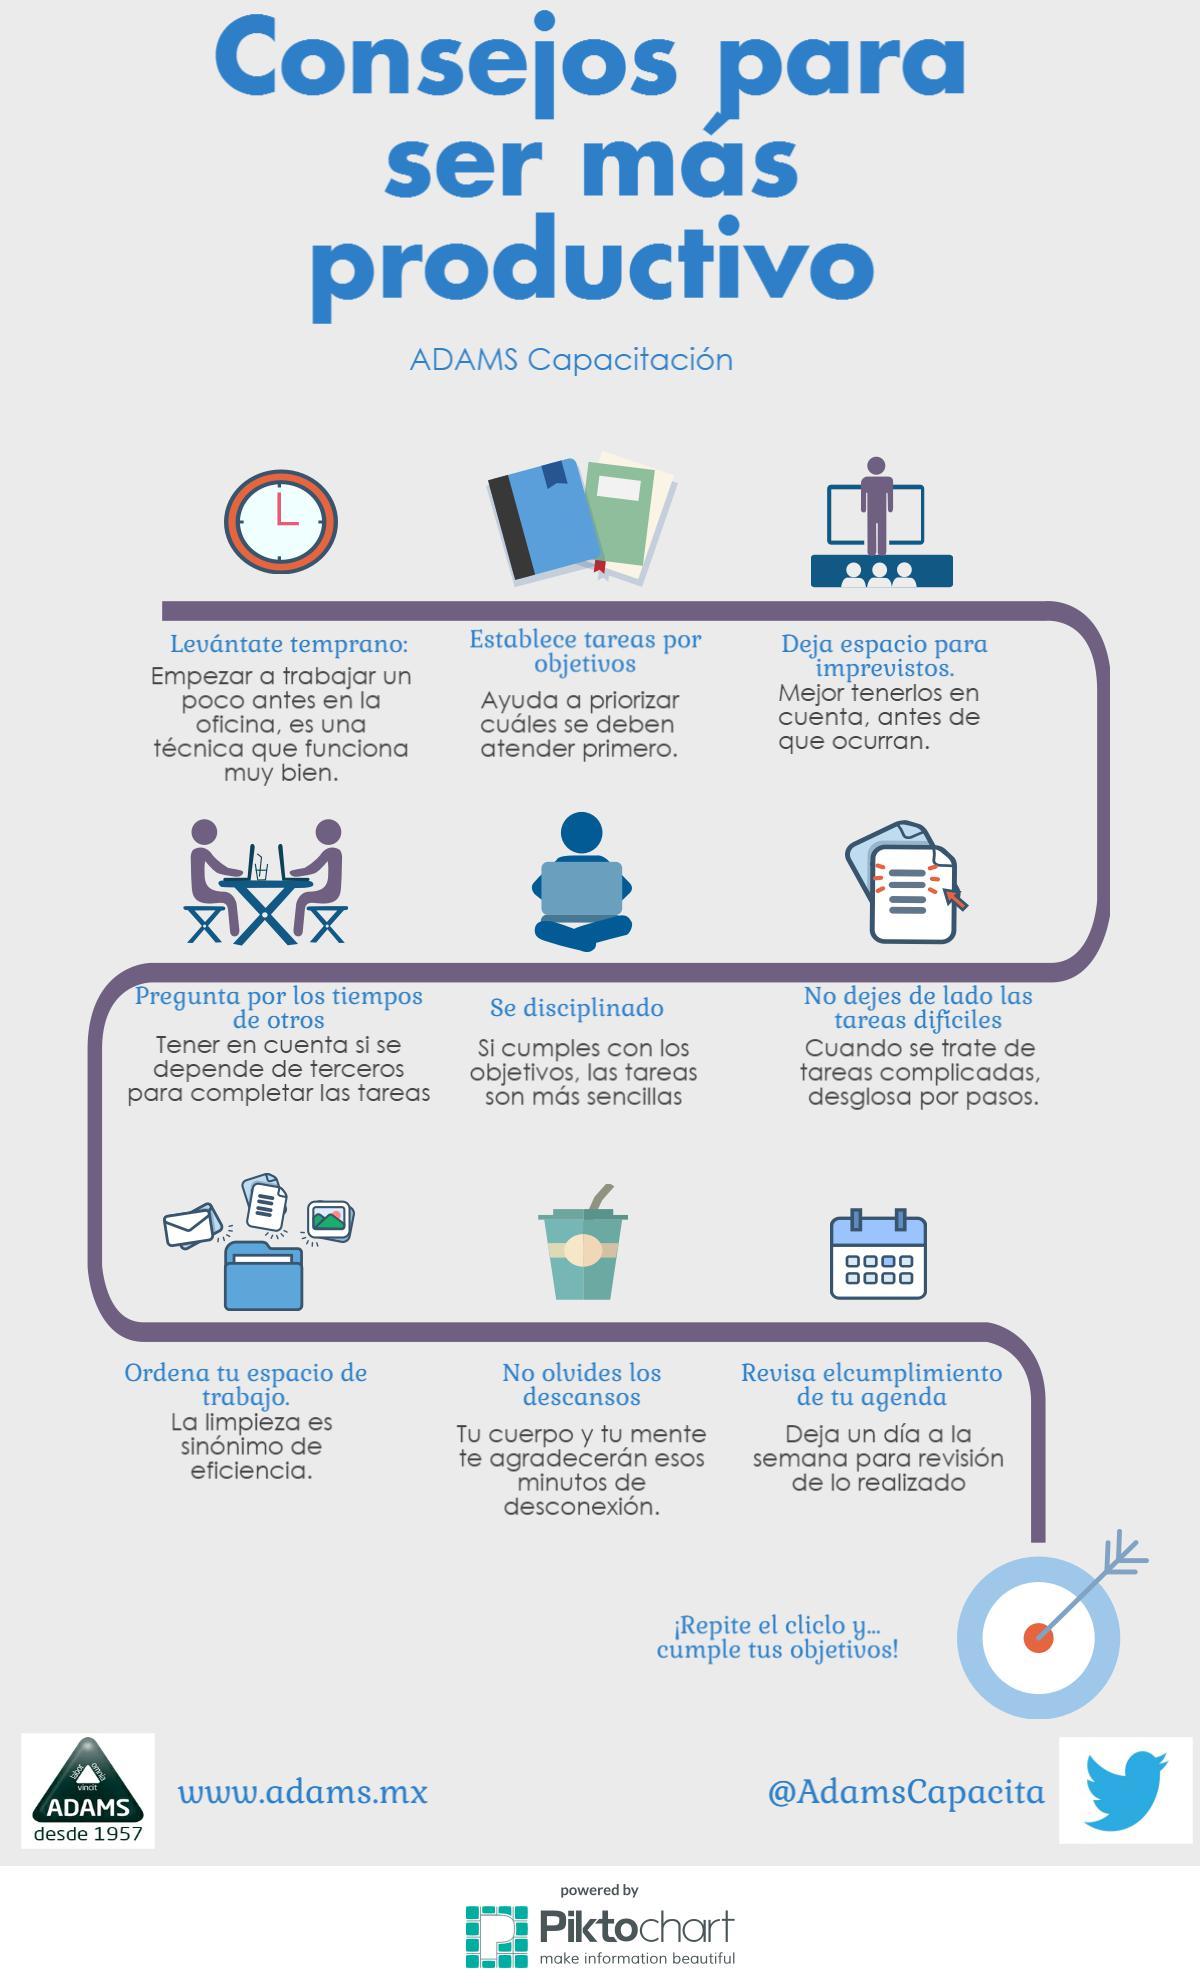 Consejos para ser más productivo #infografia #infographic #productividad